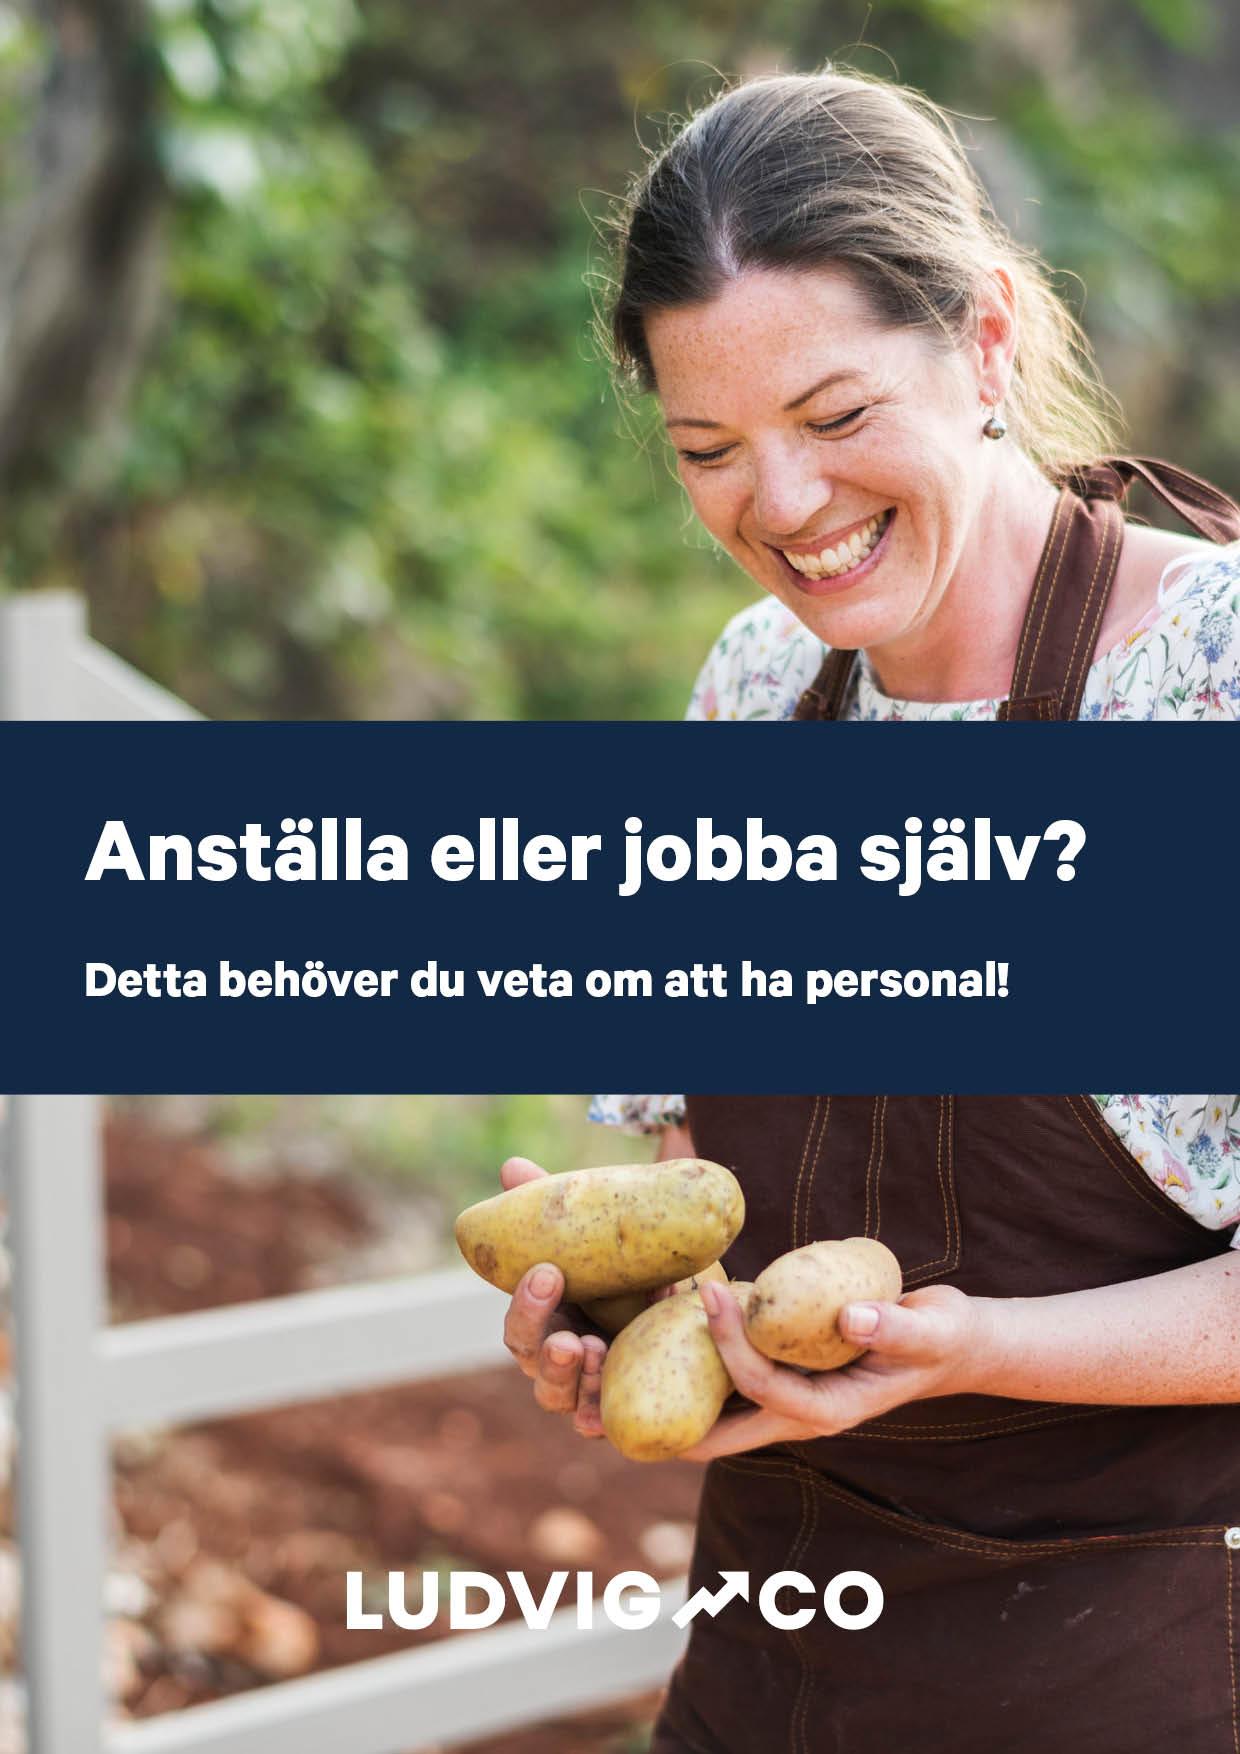 Guide_Anstalla eller jobba sjalv